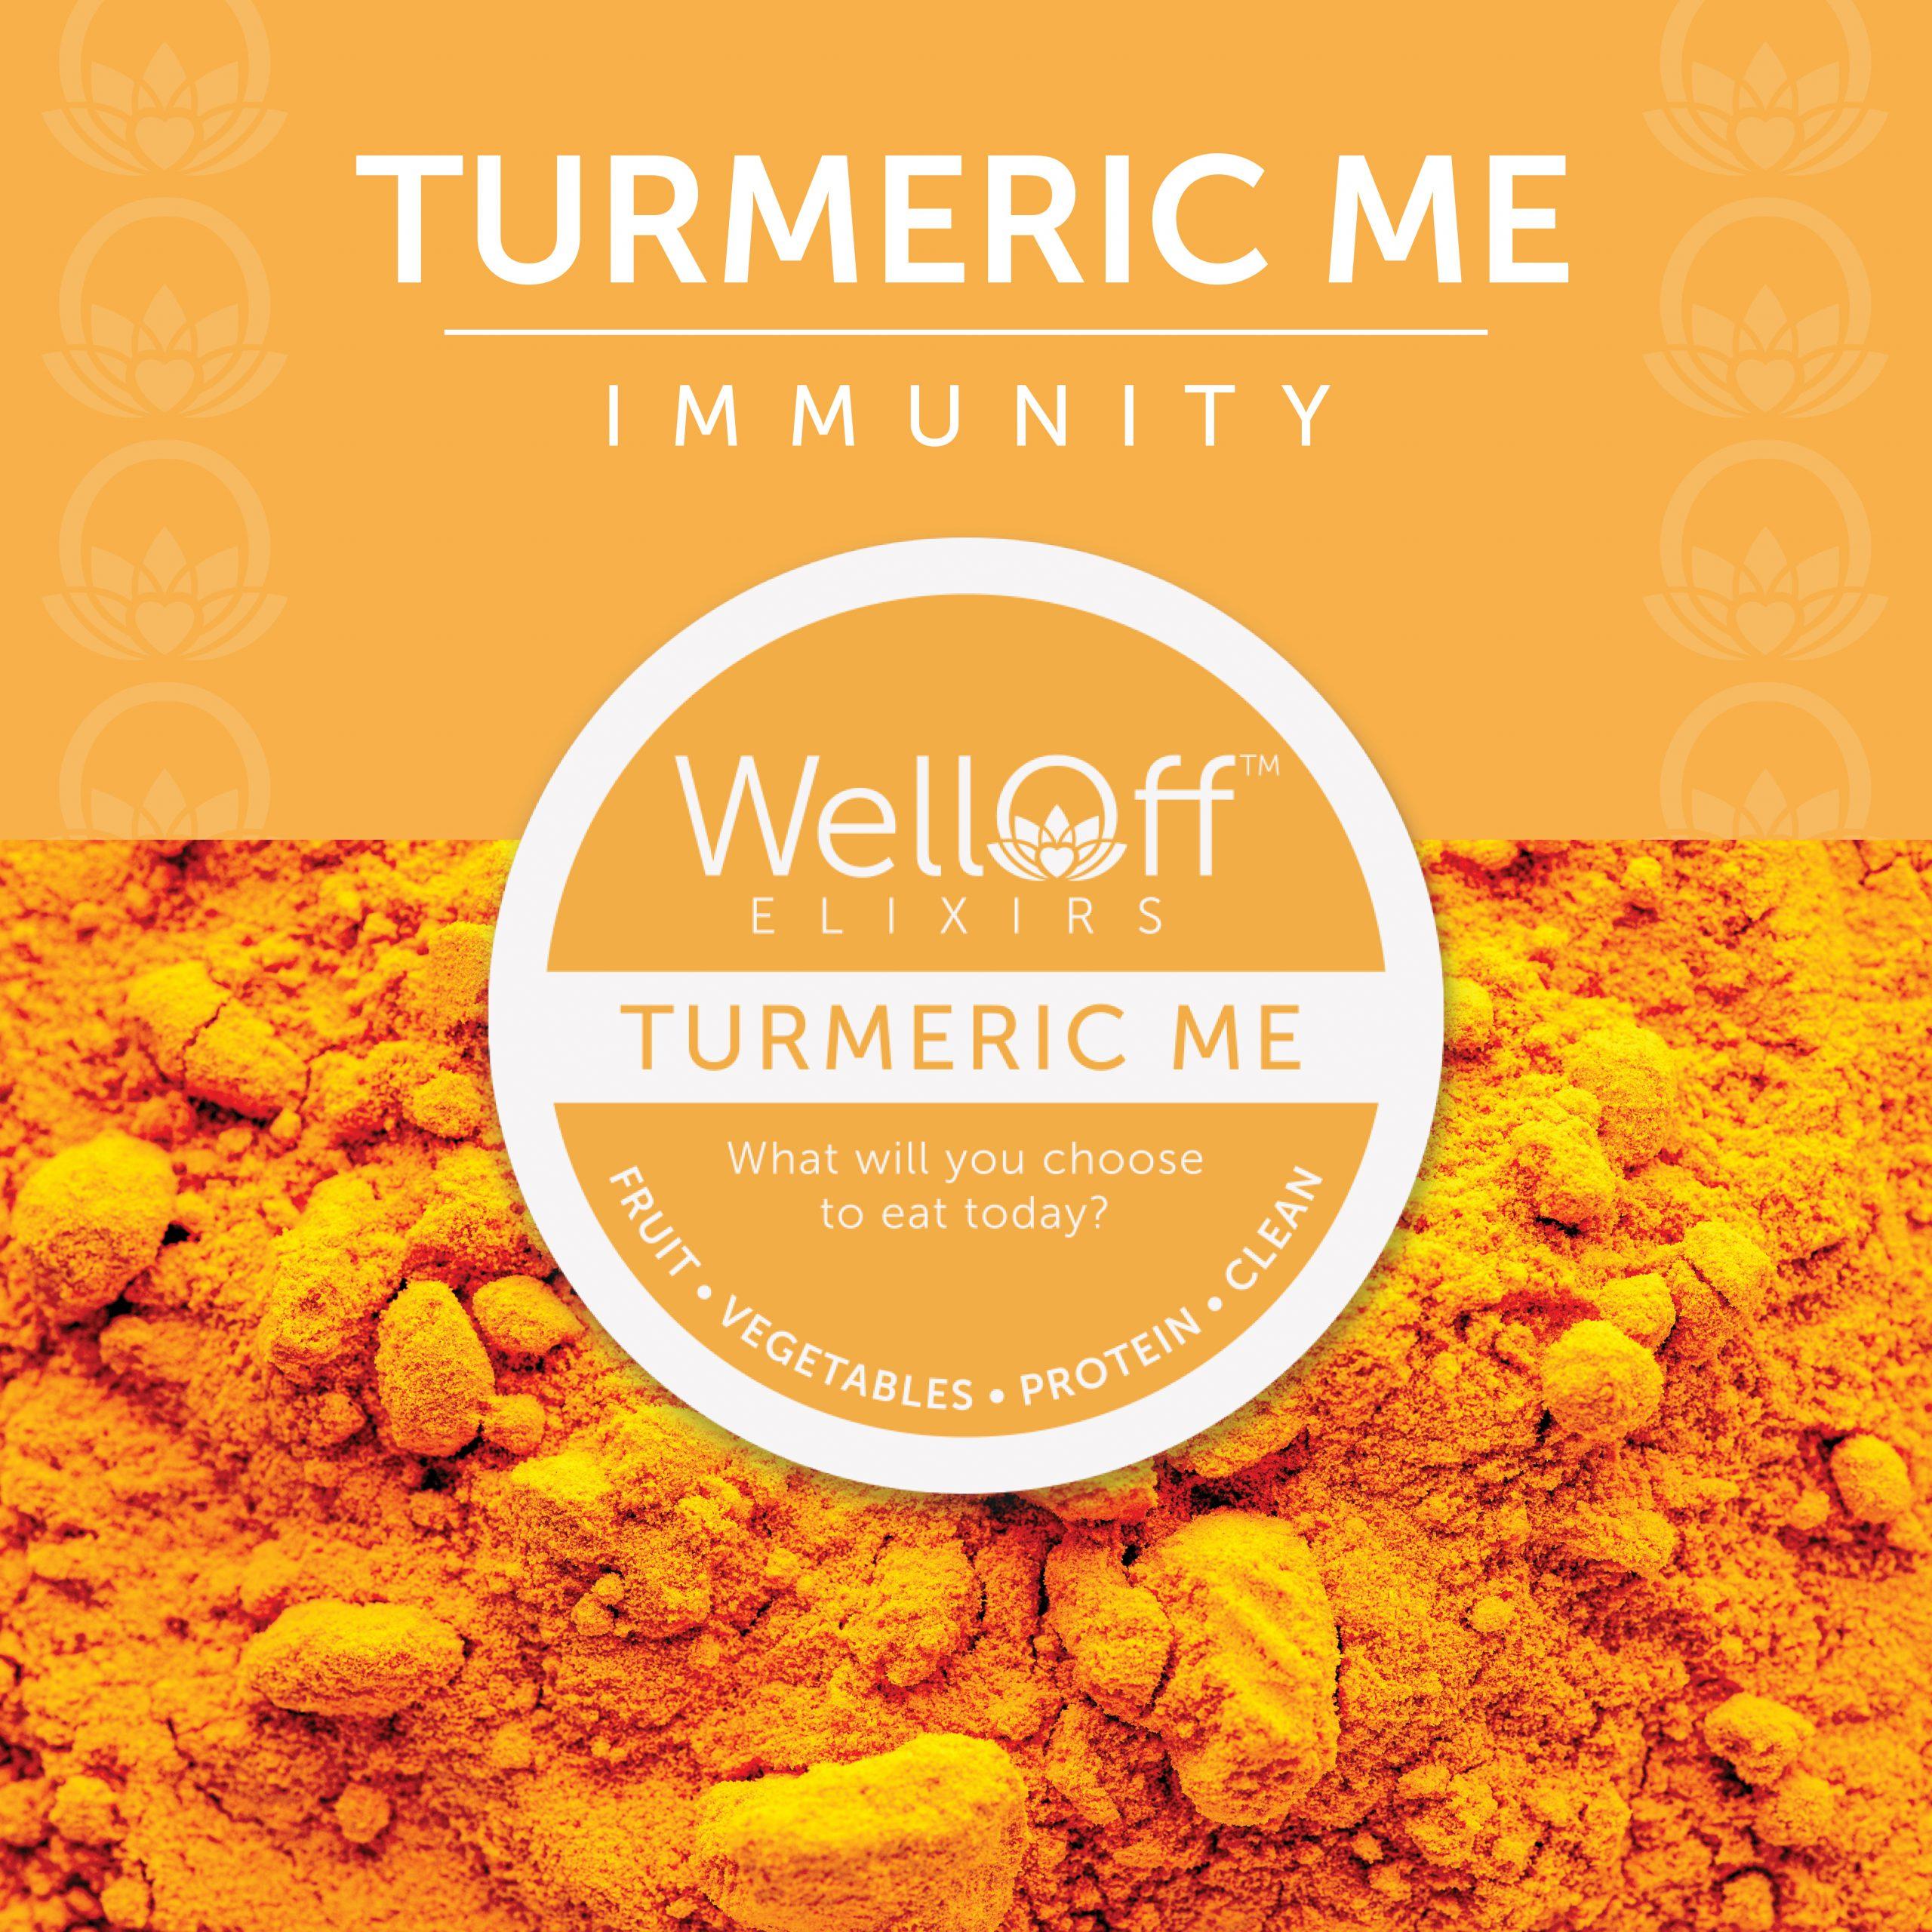 Turmeric Me